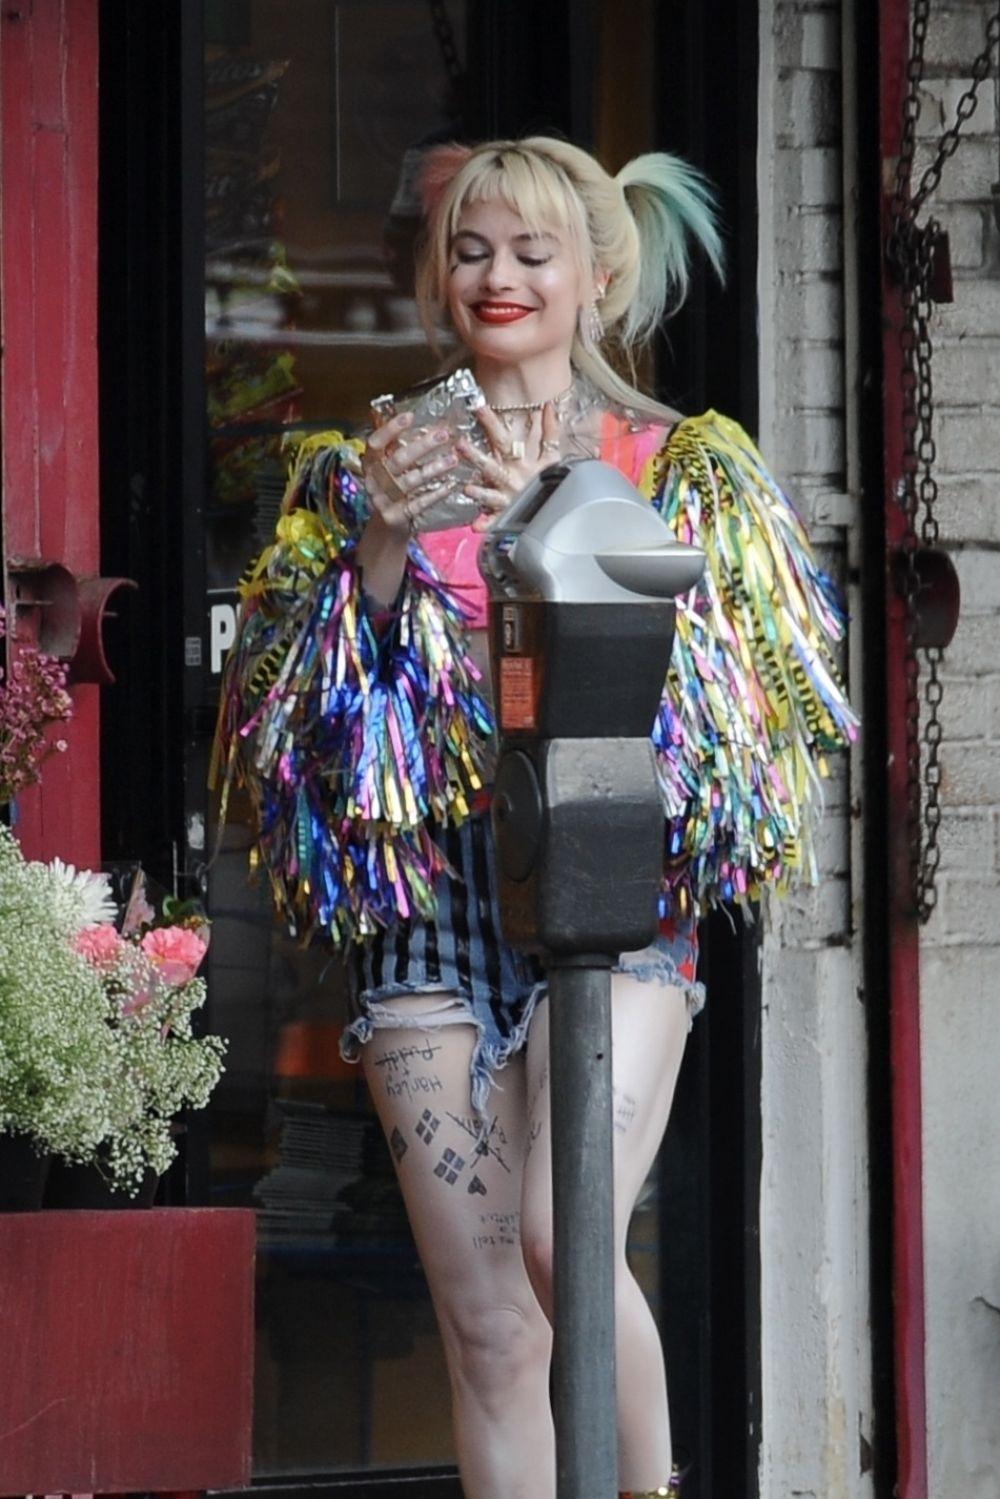 Margot Robbie As Harley Quinn In Birds Of Prey In Los Angeles 02 01 2019 Hawtcelebs